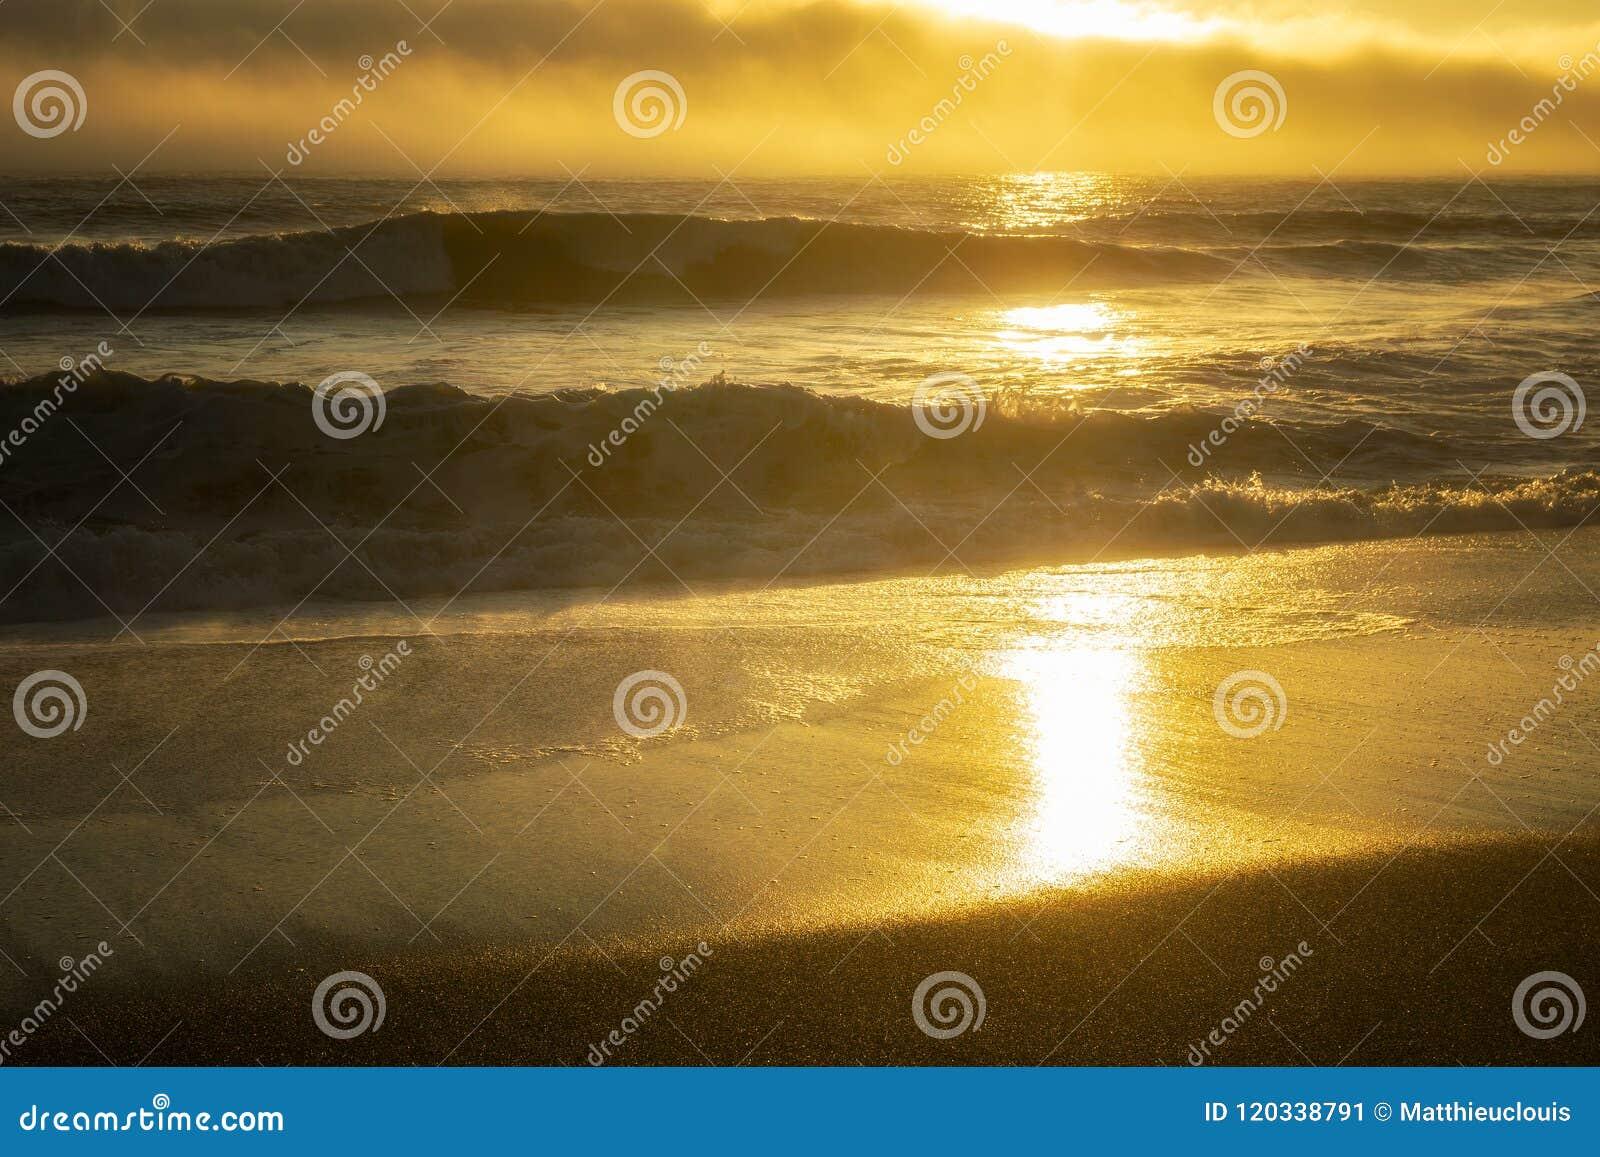 Lato zmierzch nad oceanem i plażą